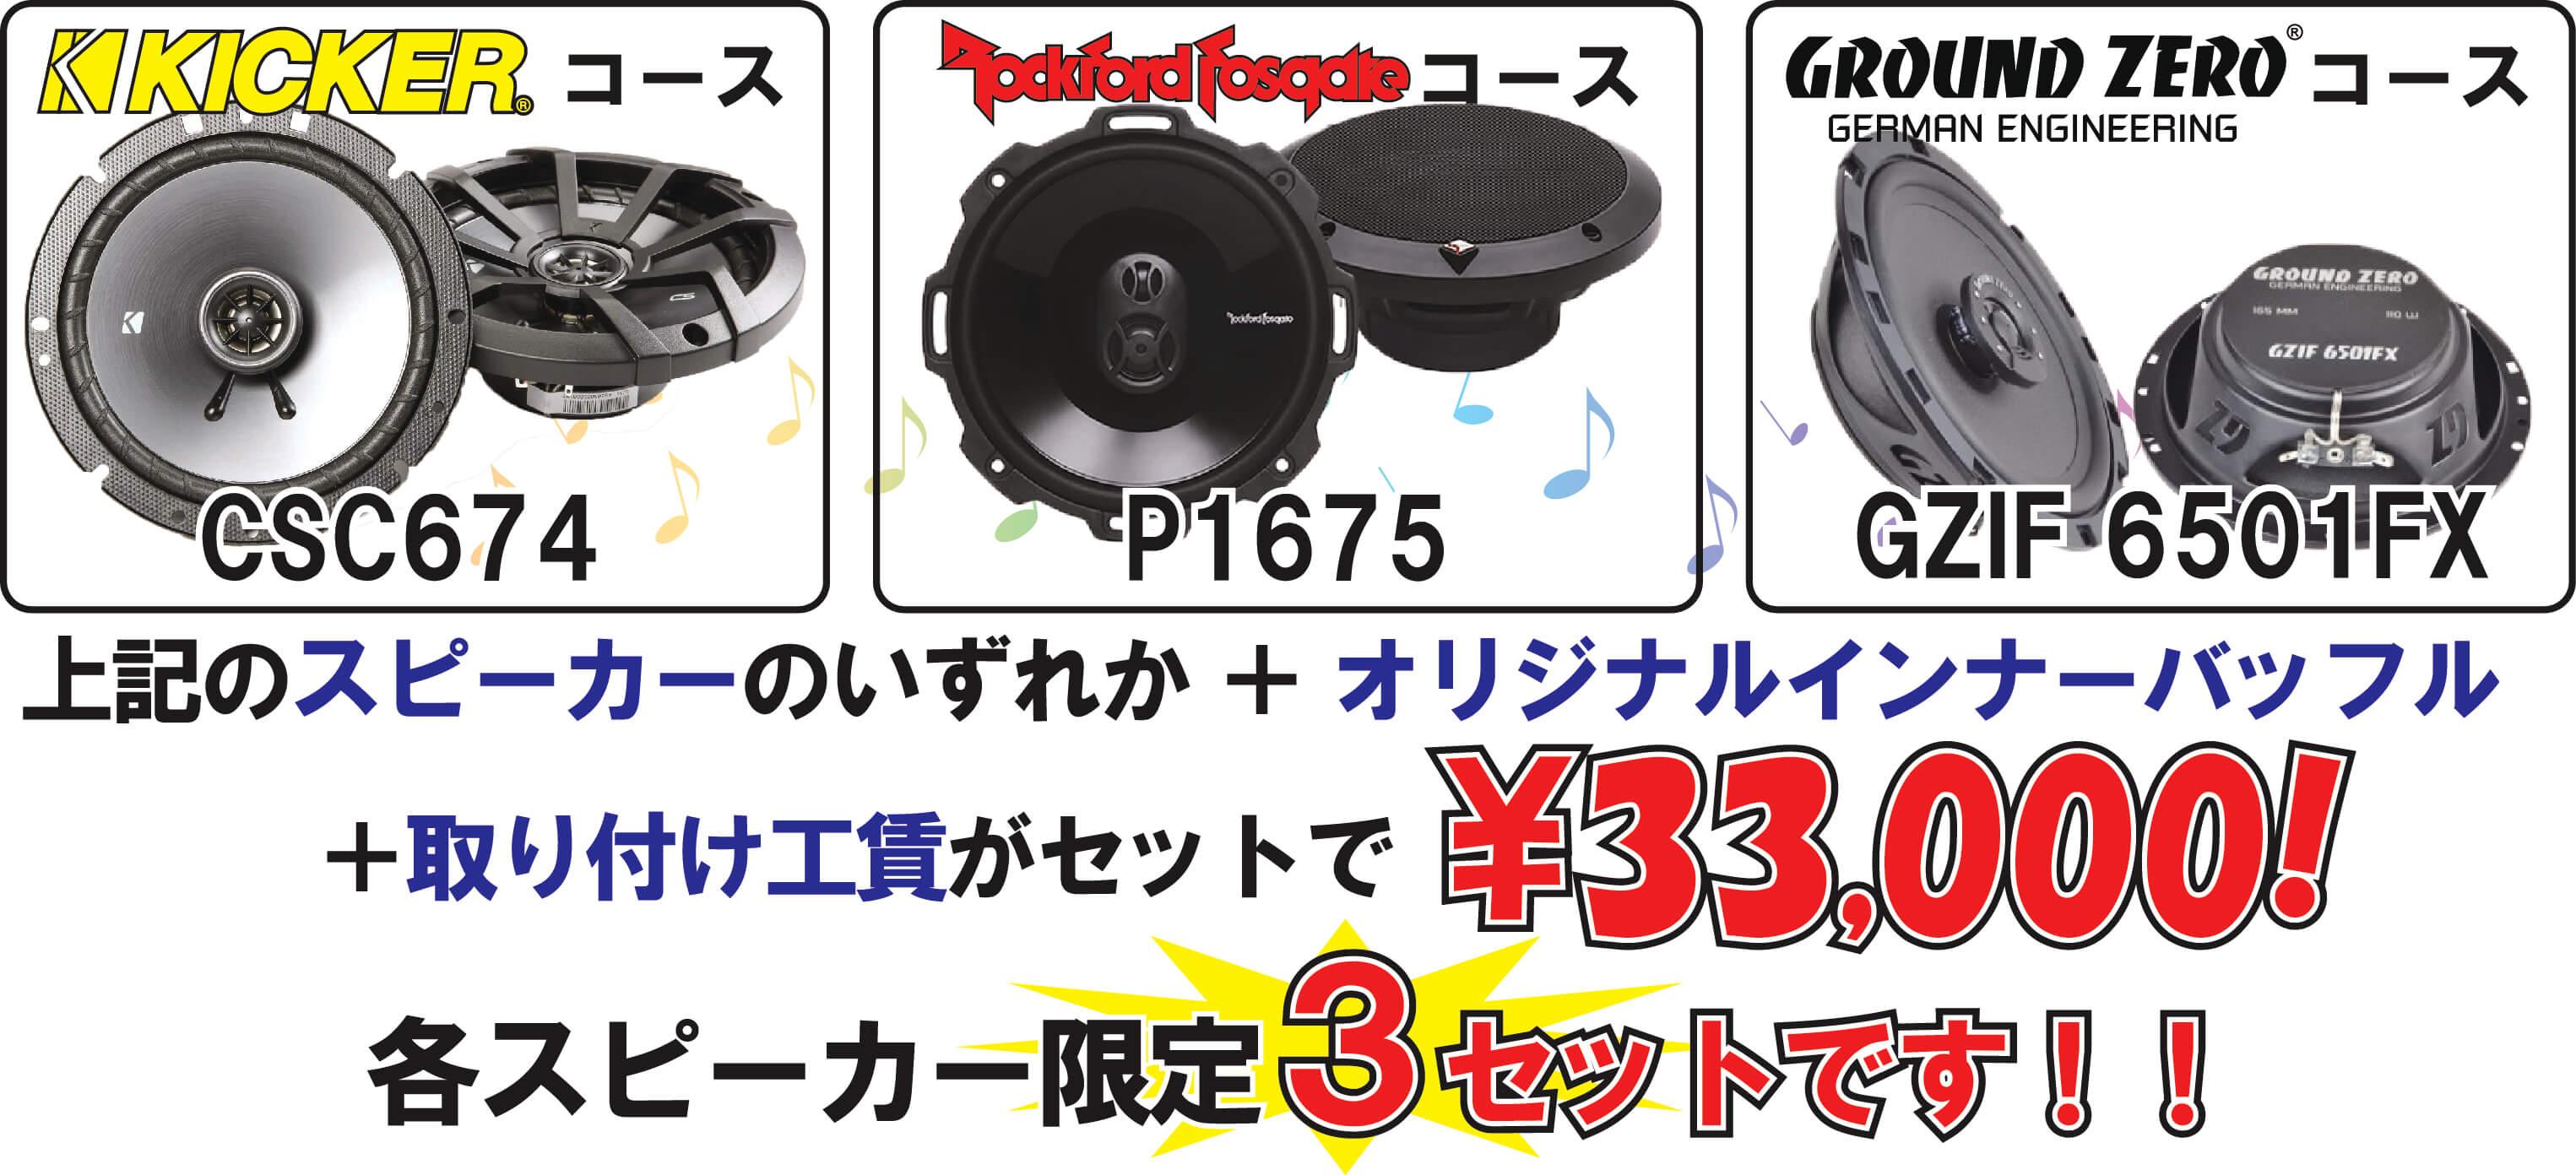 キッカー・CSC674 ロックフォード・P1675 グラウンドゼロ・GZIF 6501FXのいずれかと、オリジナルインナーバッフルと、取り付け工賃がセットで\33,000